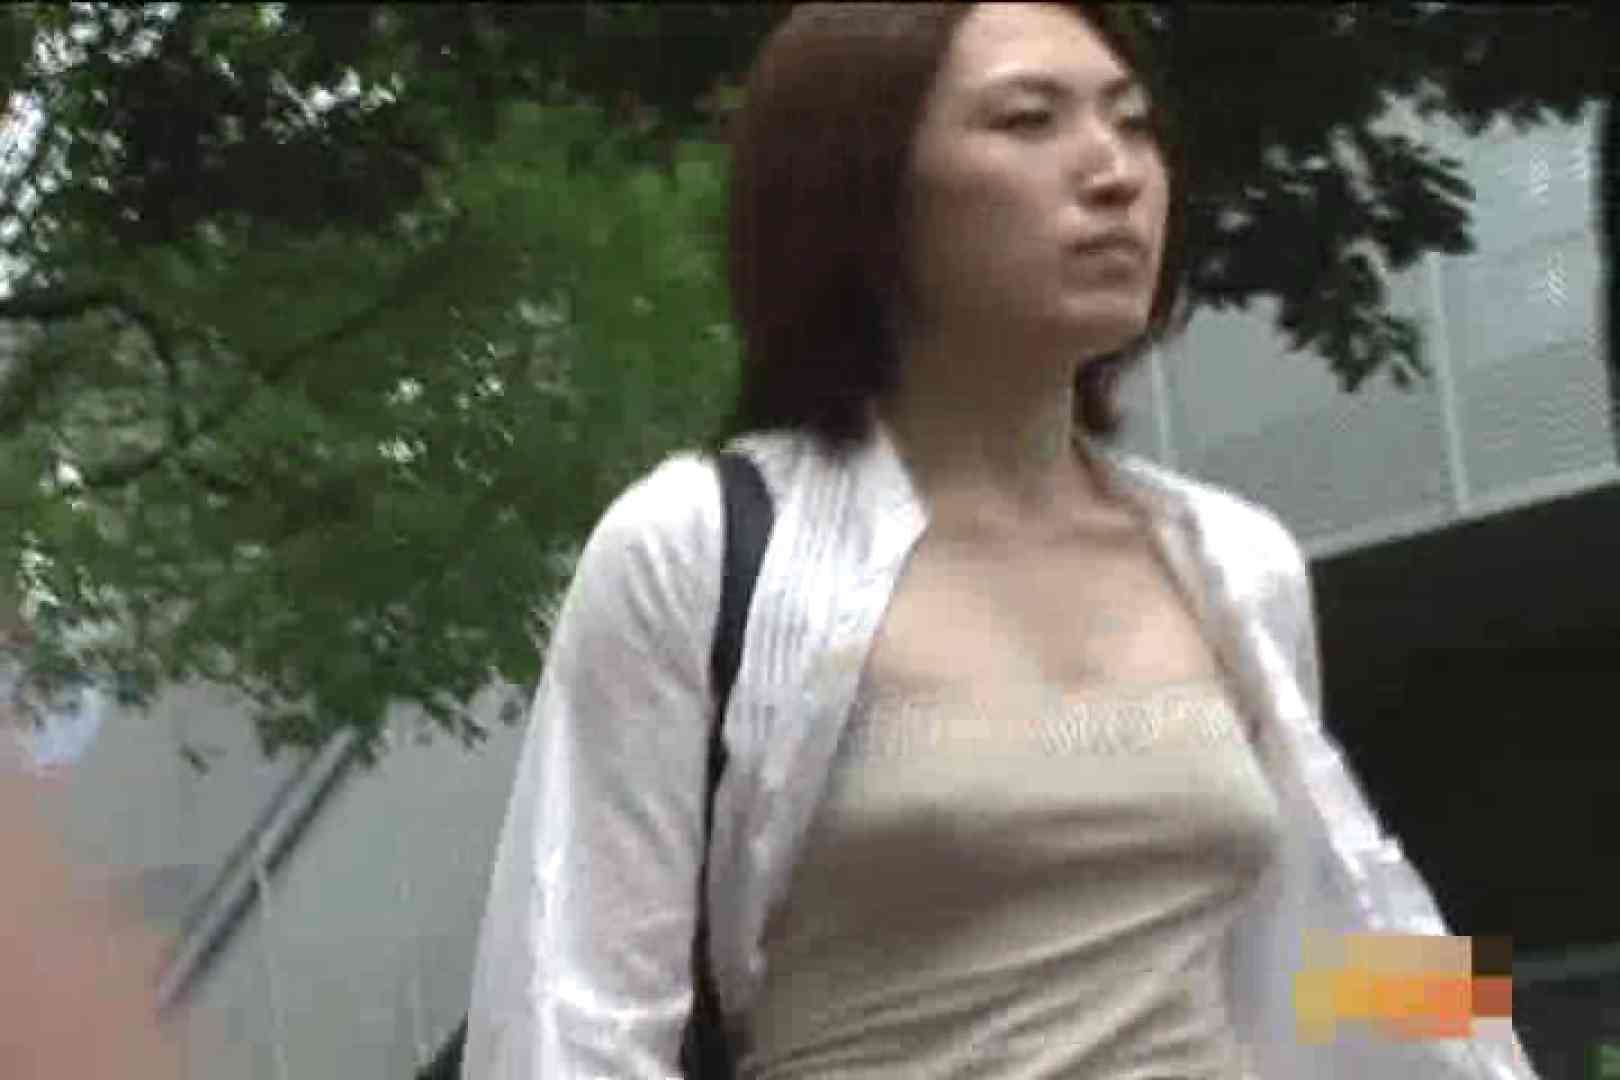 大胆露出胸チラギャル大量発生中!!Vol.1 チラ歓迎 性交動画流出 103pic 52